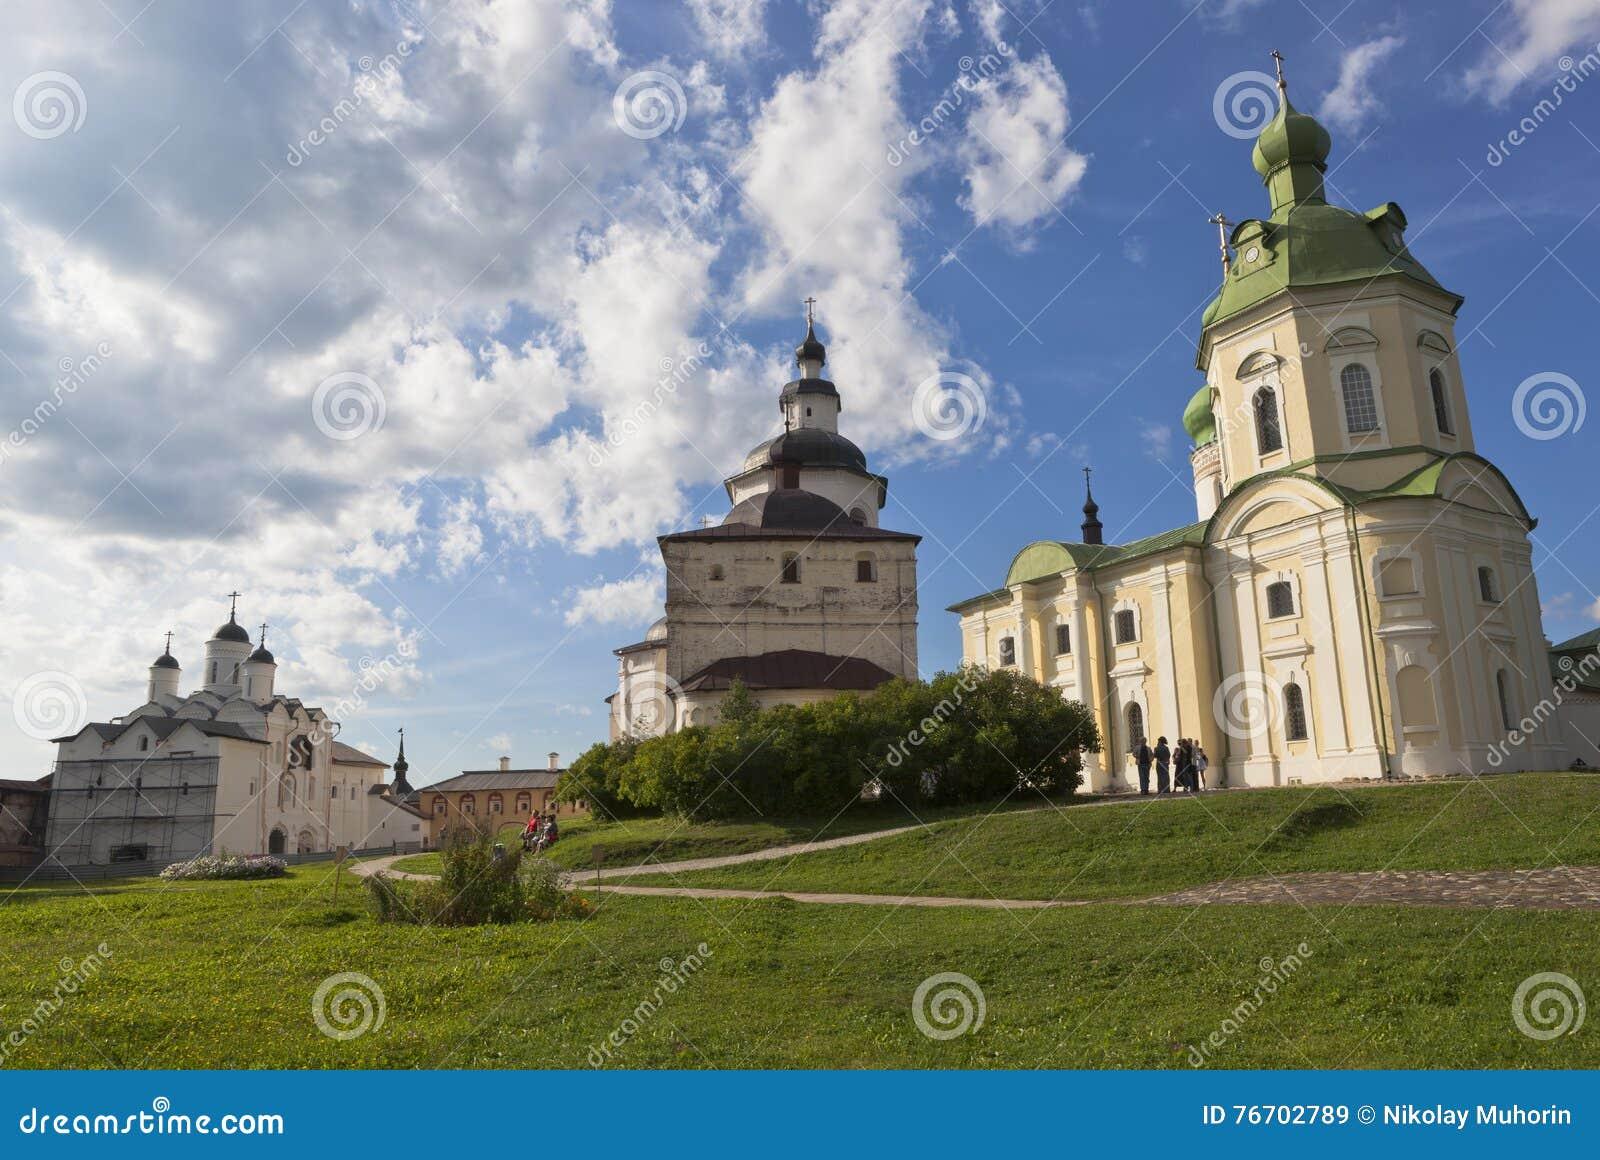 Kyrktar omgestaltning av vår Herre, ärkeängel Gabriel och Kirill Belozersky i den Kirillo-Belozersky klosterVologda regionen